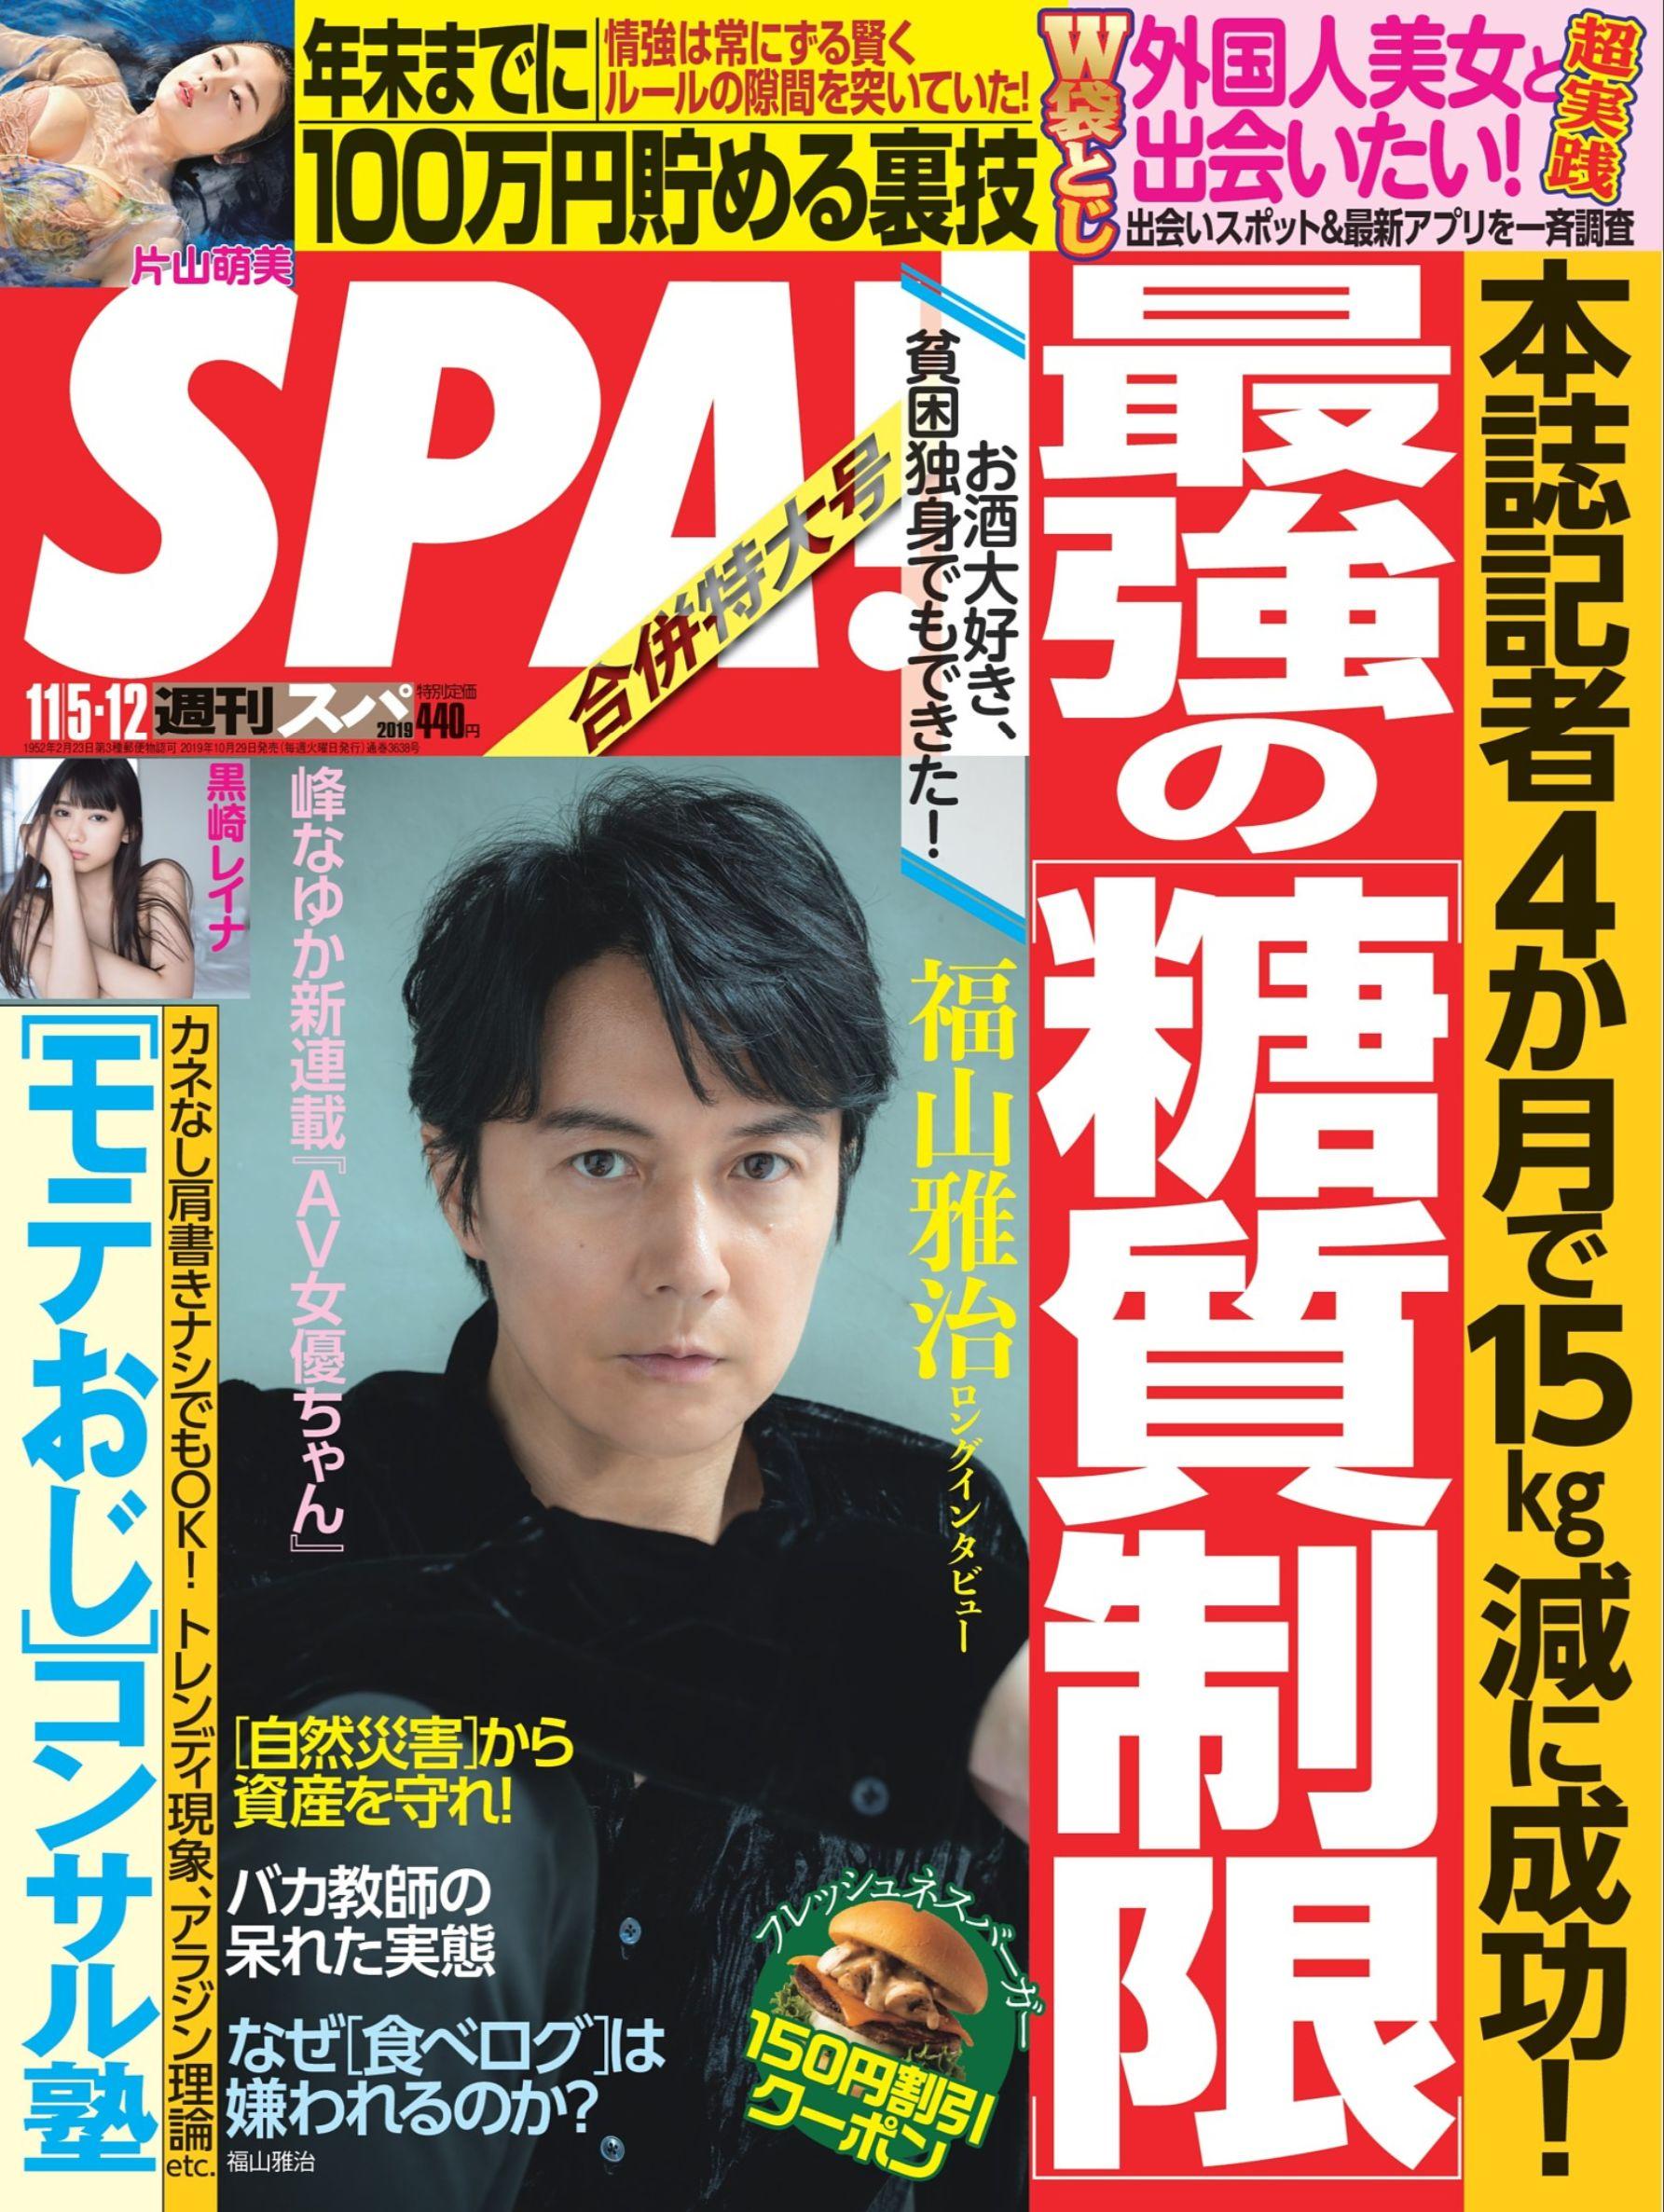 週刊SPA! 2019年11月5・12日合併号 (1)